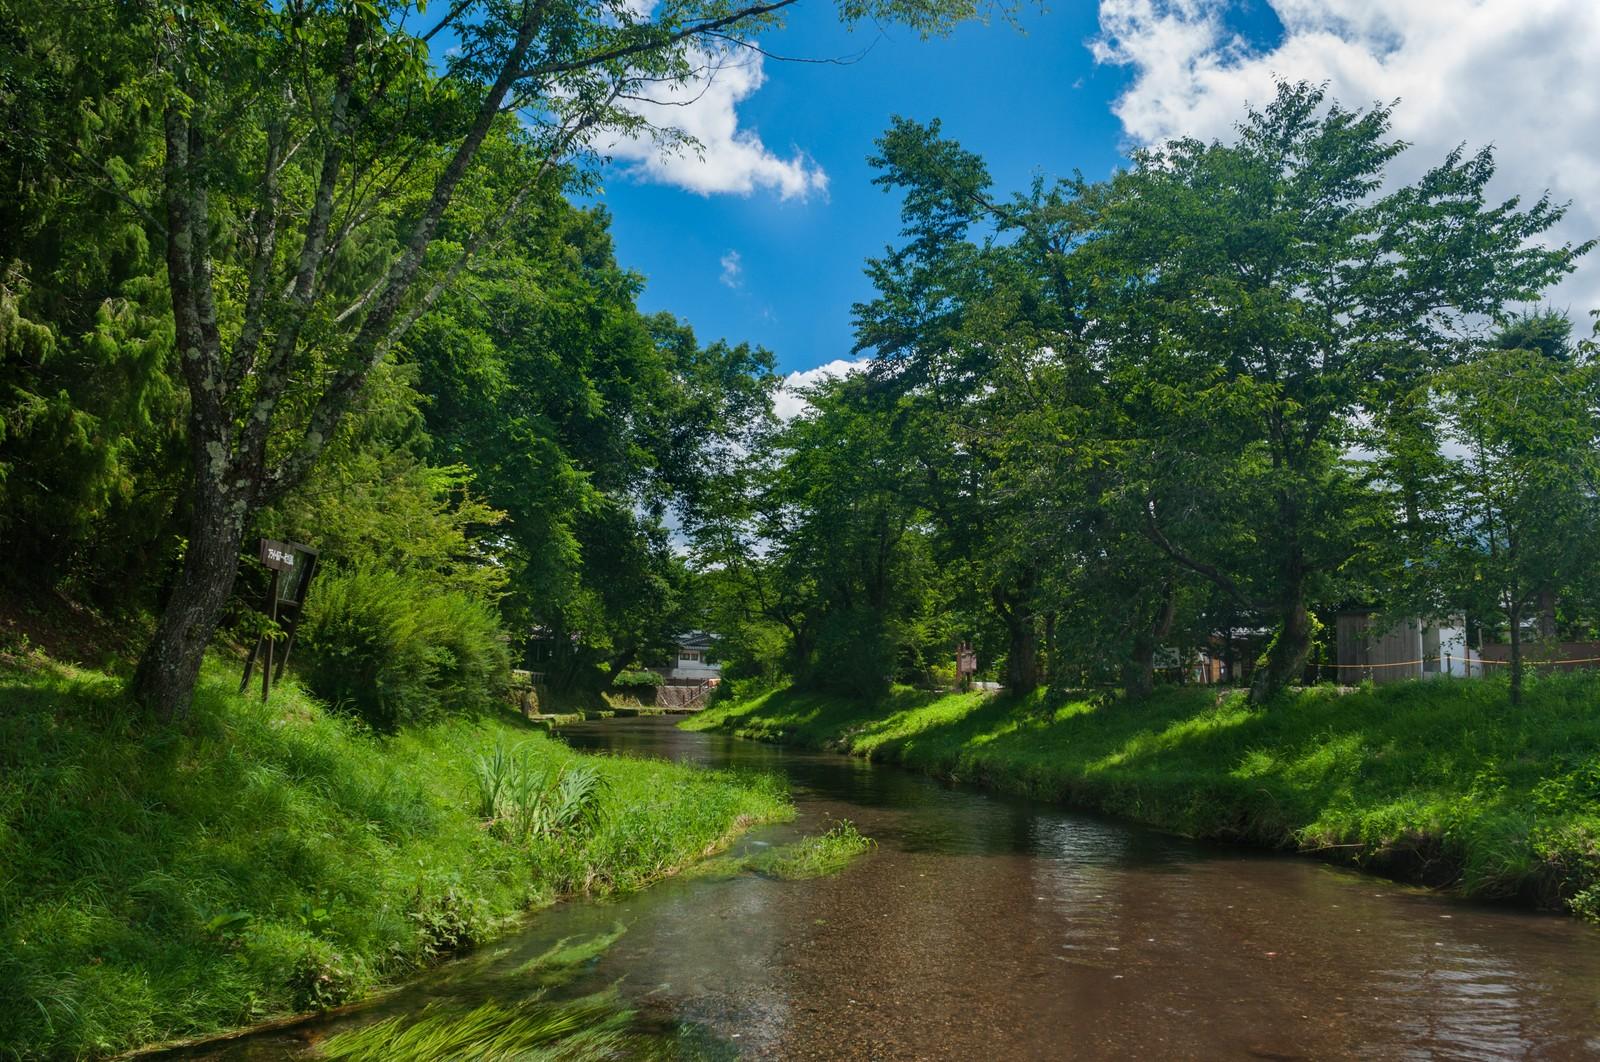 唐沢キャンプ場は川遊びやバーベキューが楽しめる!バンガロー宿泊も人気!